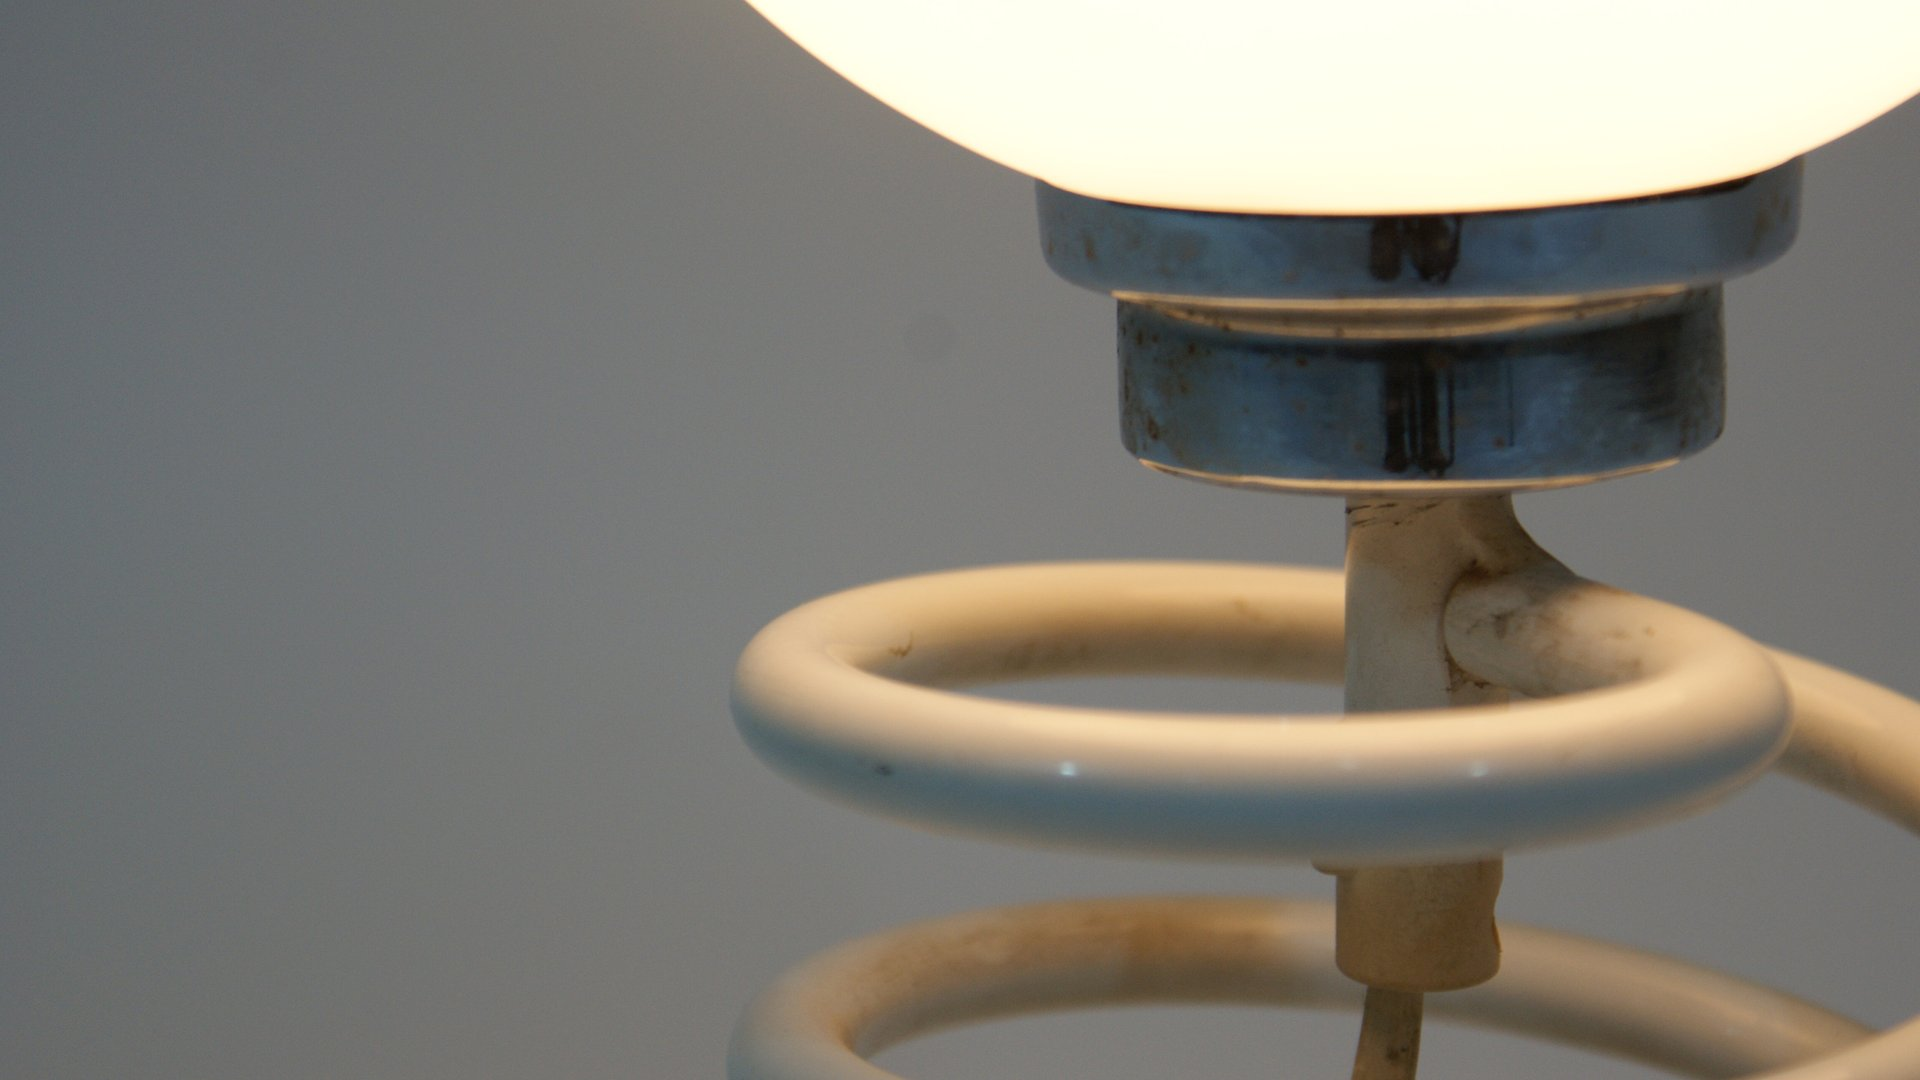 Lampe de bureau spirale vintage par ingo maurer pour design m en vente sur pamono - Lampe de bureau style anglais ...